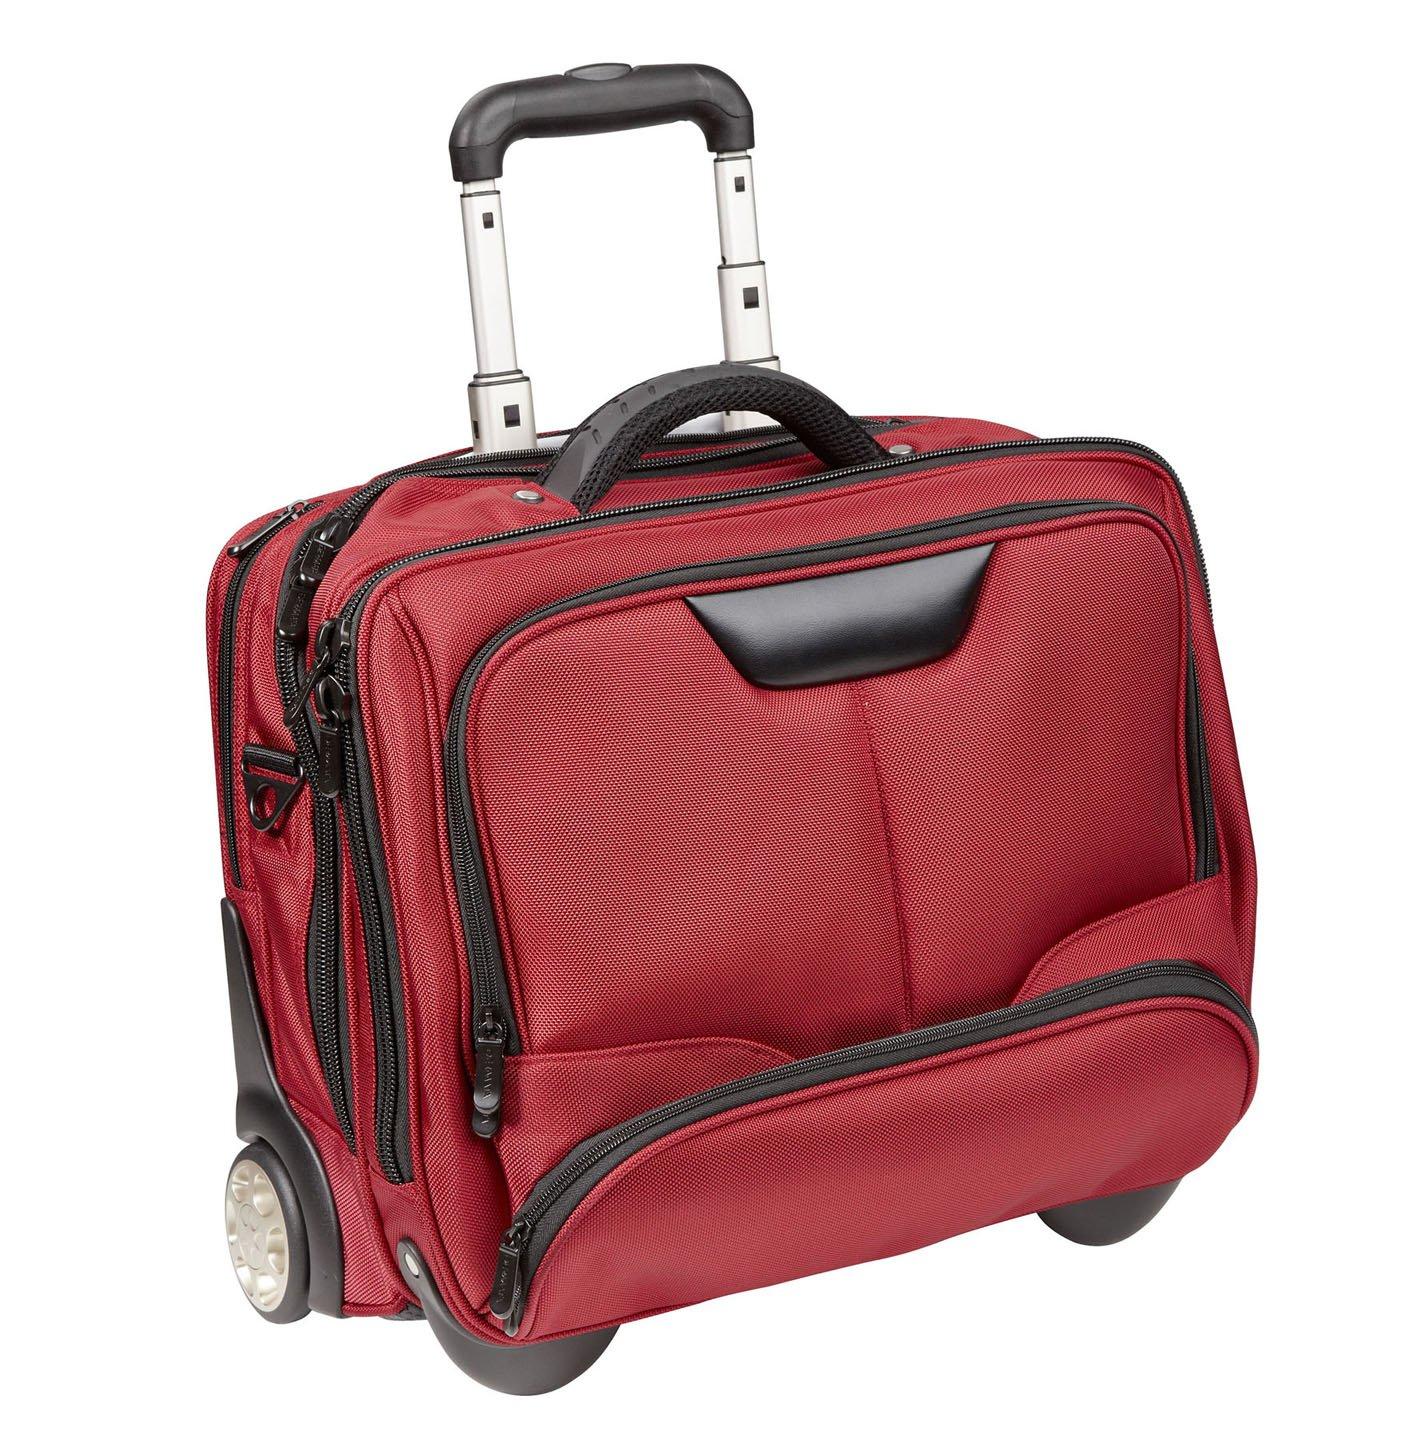 Sac Housse de Transport pour Ordinateur portable en nylon 17Valise à roulettes pilotes Rouleau Rouge Dermata